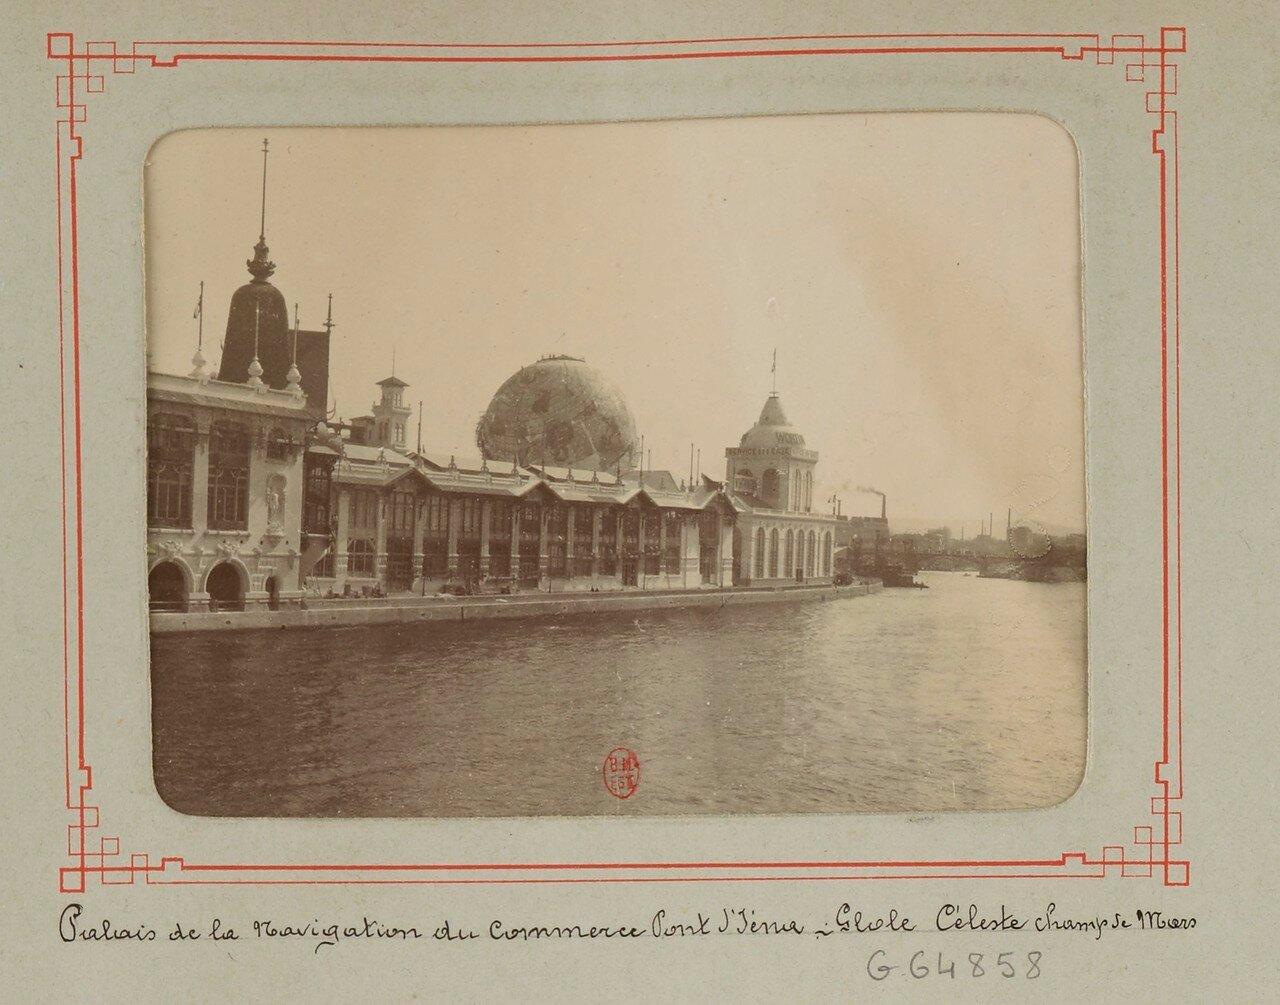 37. Павильон Мореплавания и Коммерции, мост Йены